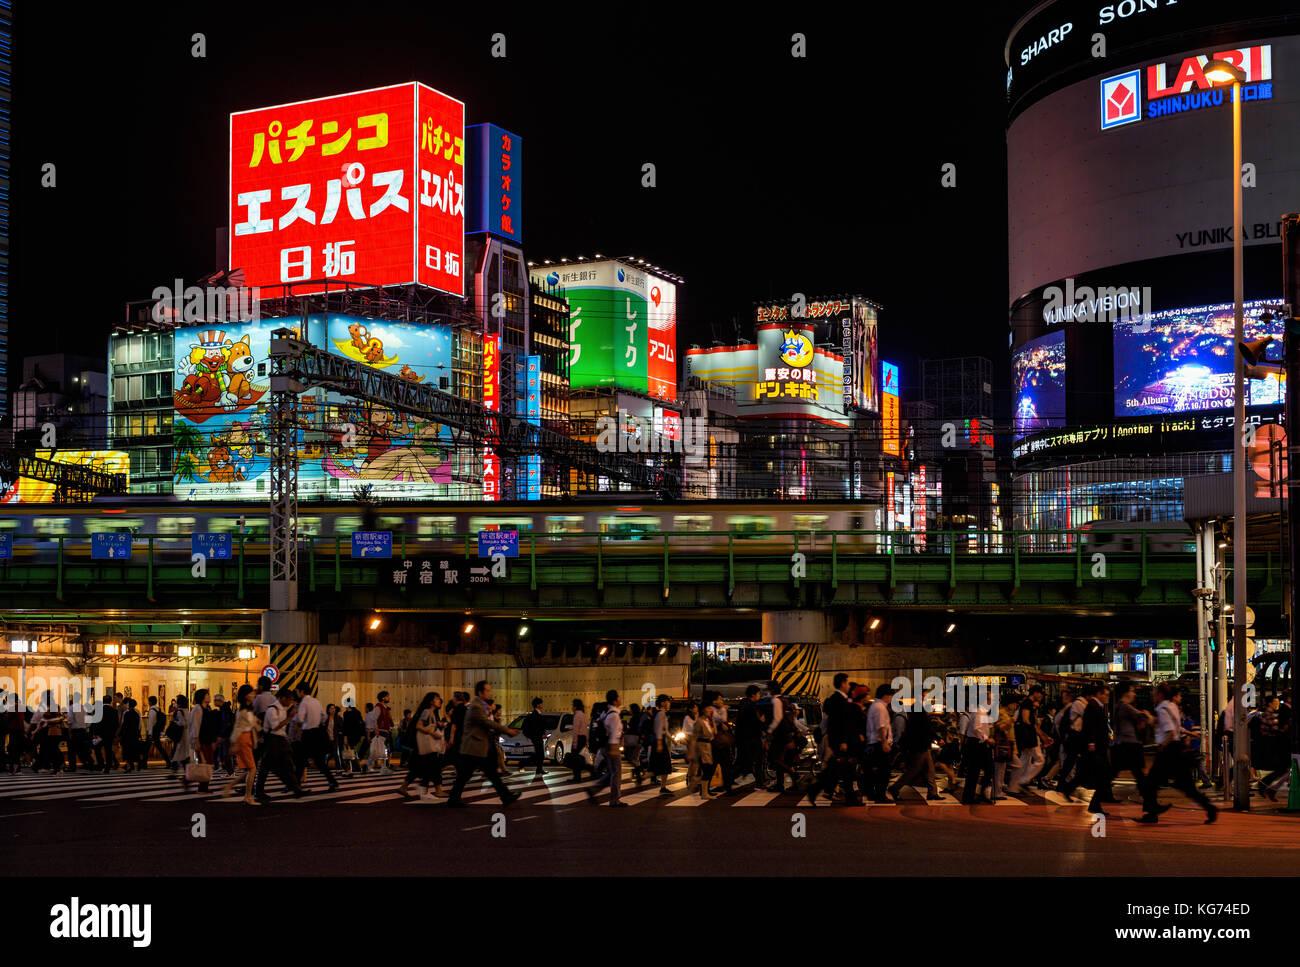 La vie nocturne à Tokyo. personnes traversent un carrefour très fréquenté au-dessous asakusa Photo Stock